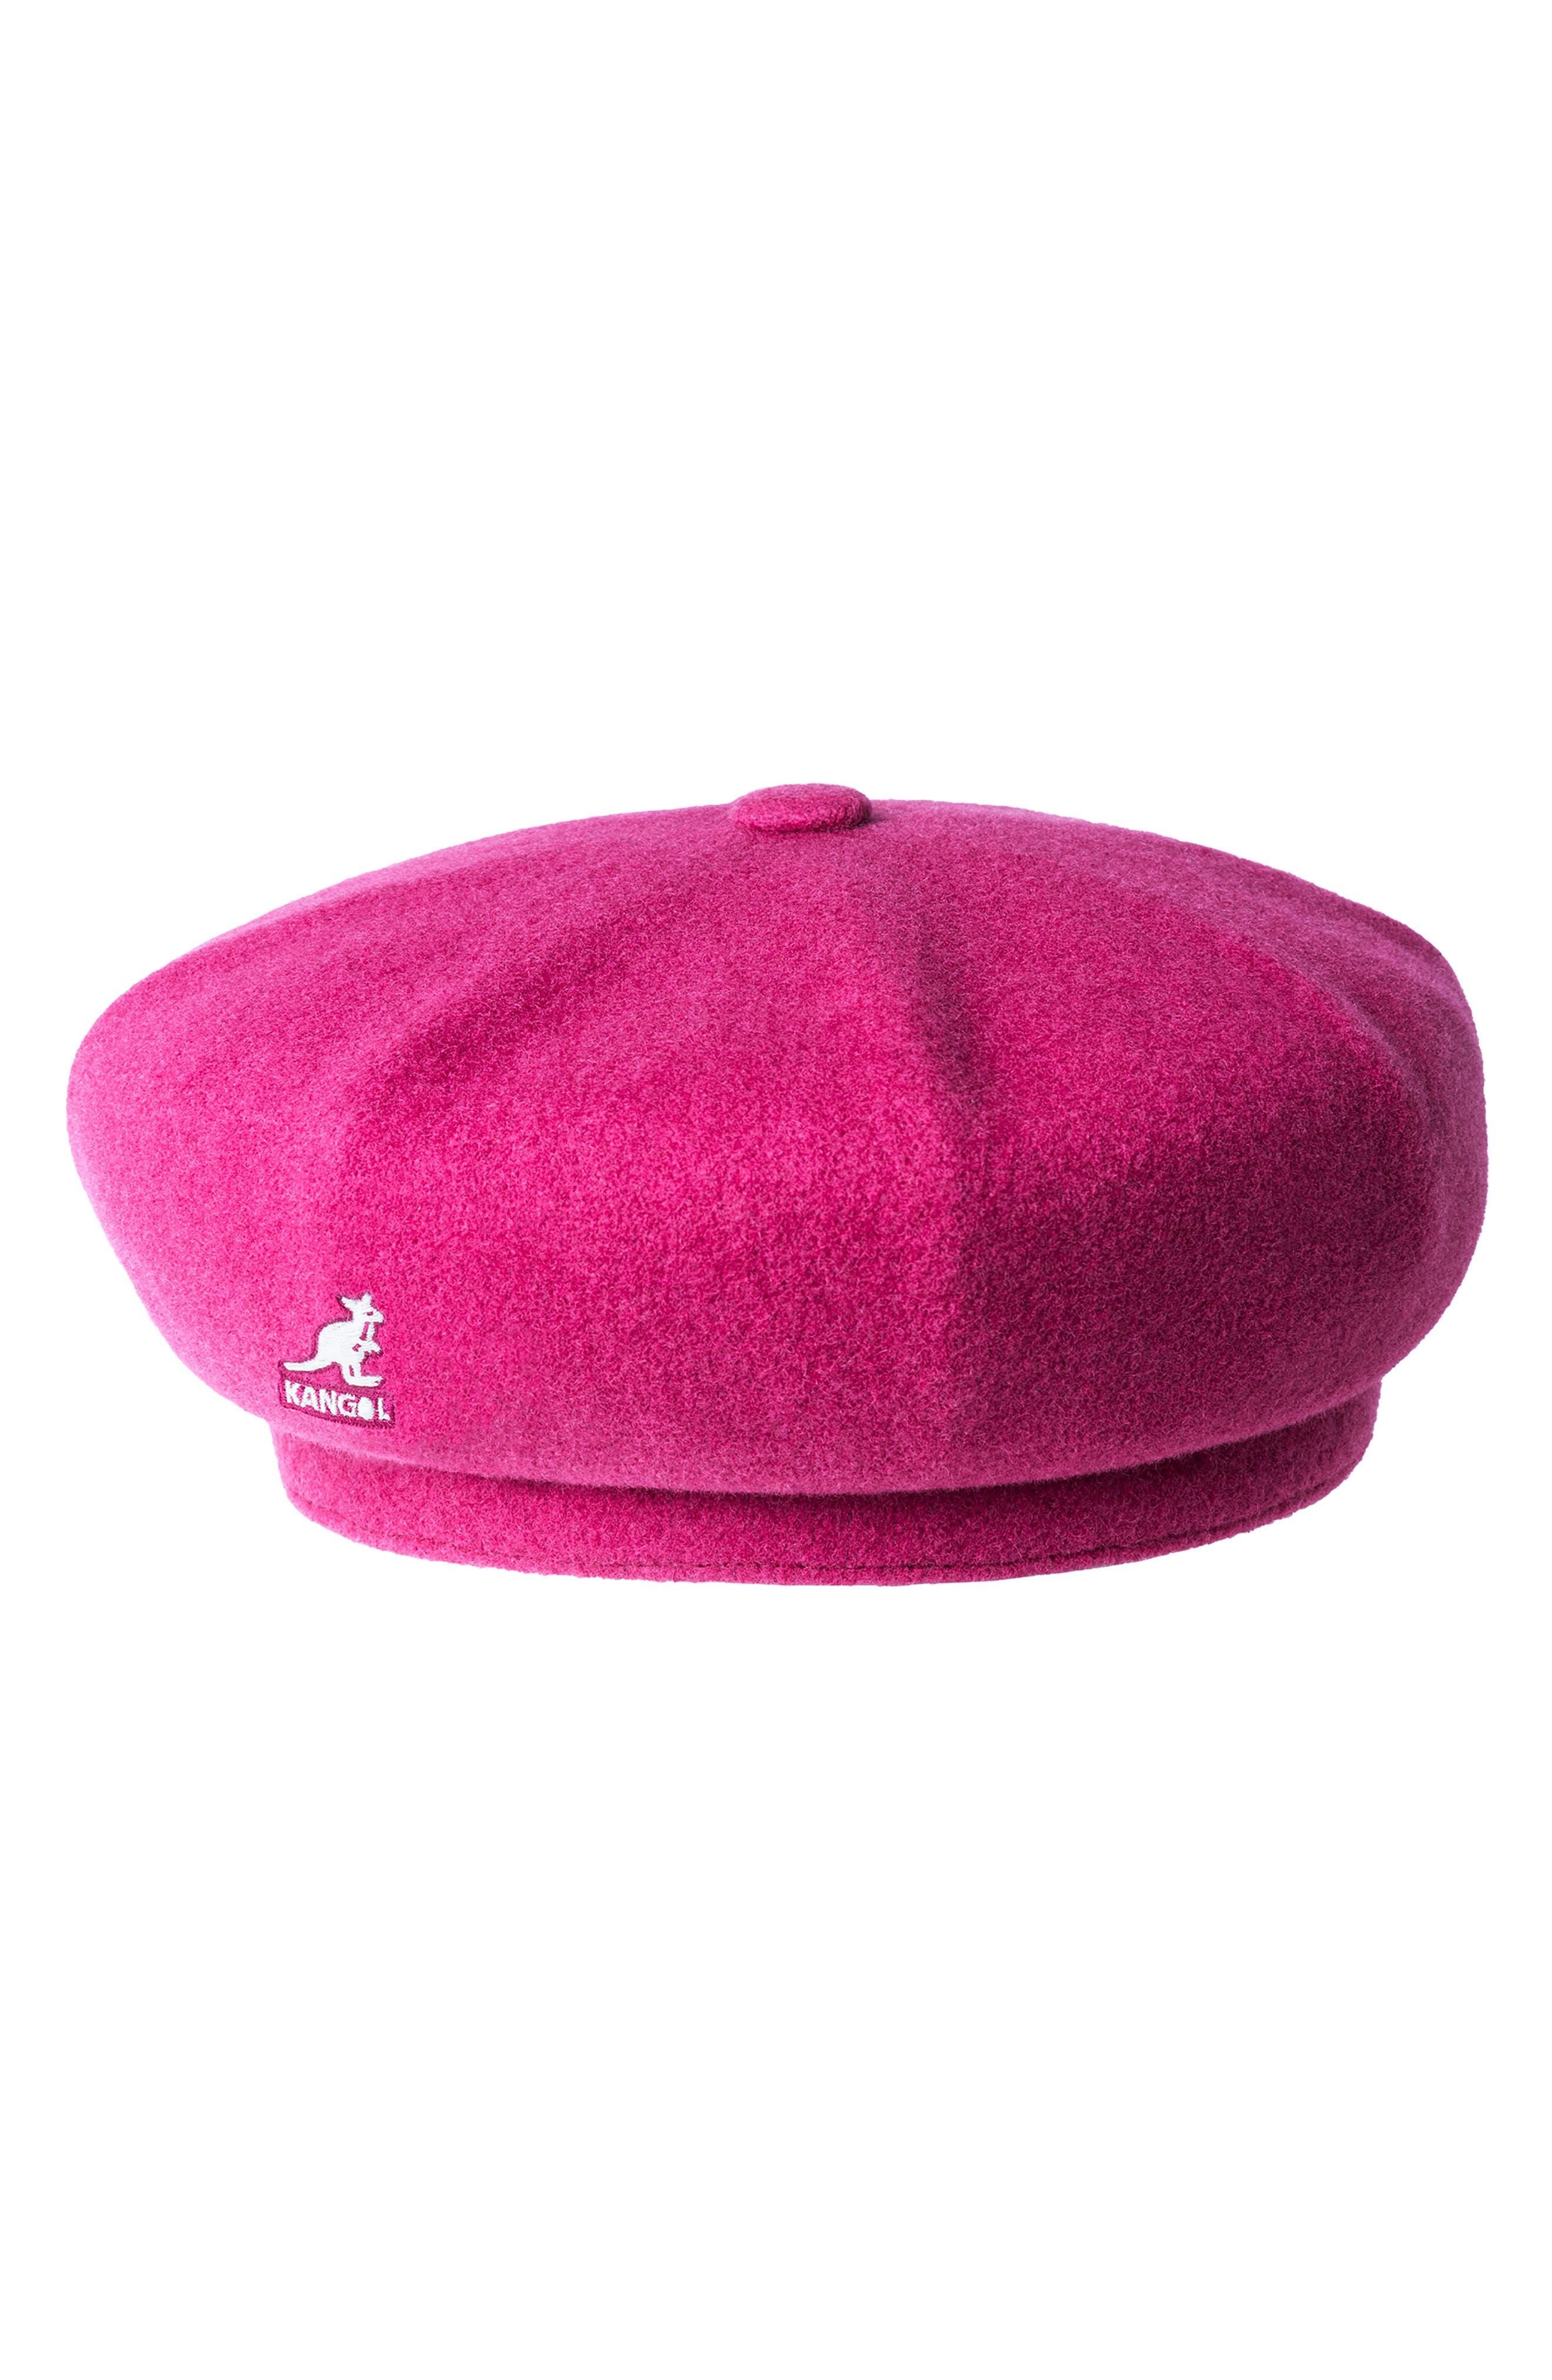 KANGOL Jax Beret - Pink in Garnet